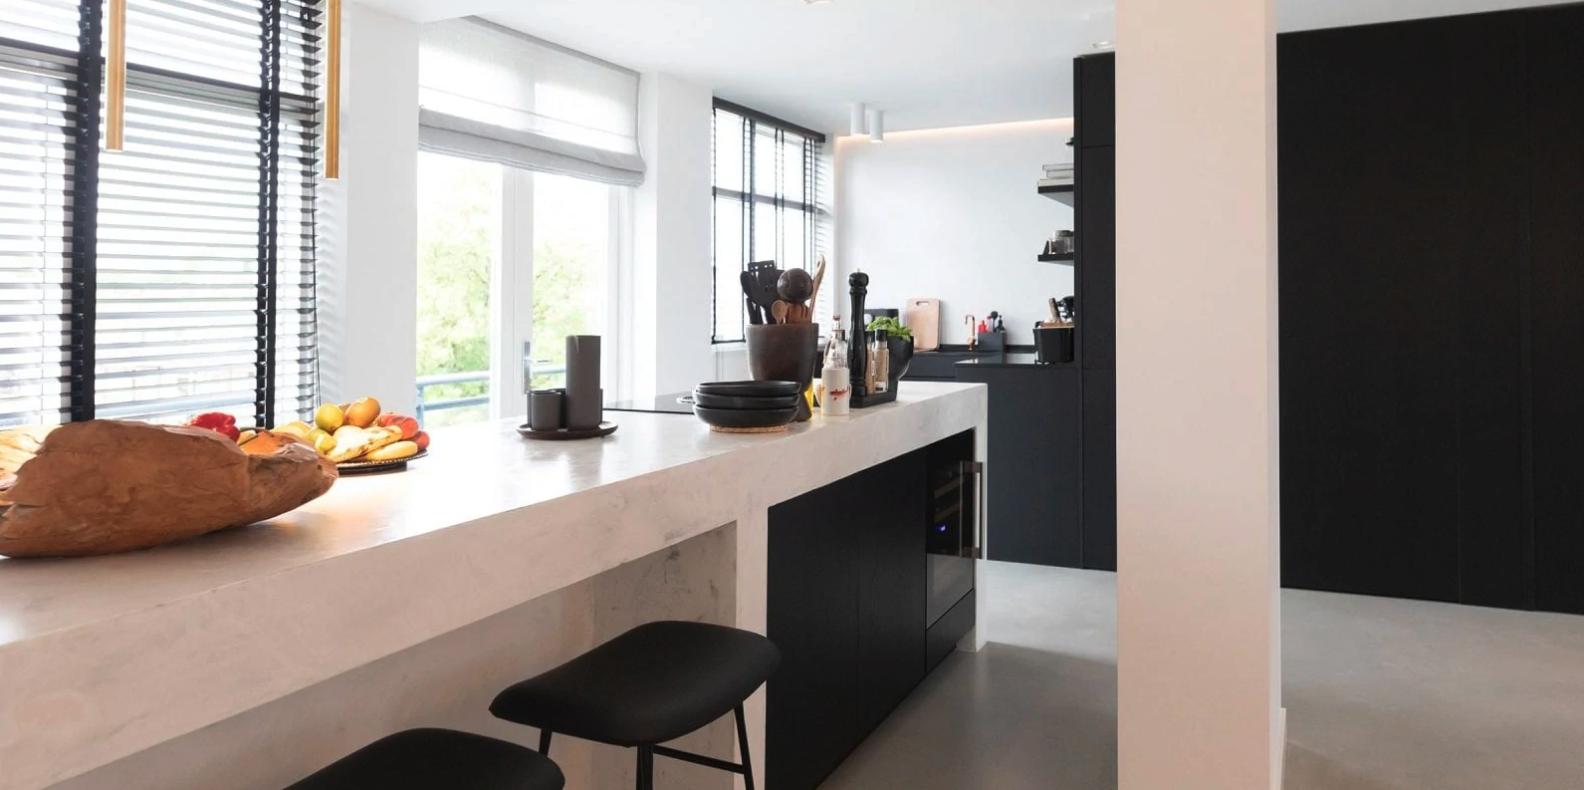 Moderne Keuken Op Maat Door Atelier 19 Spijkenisse